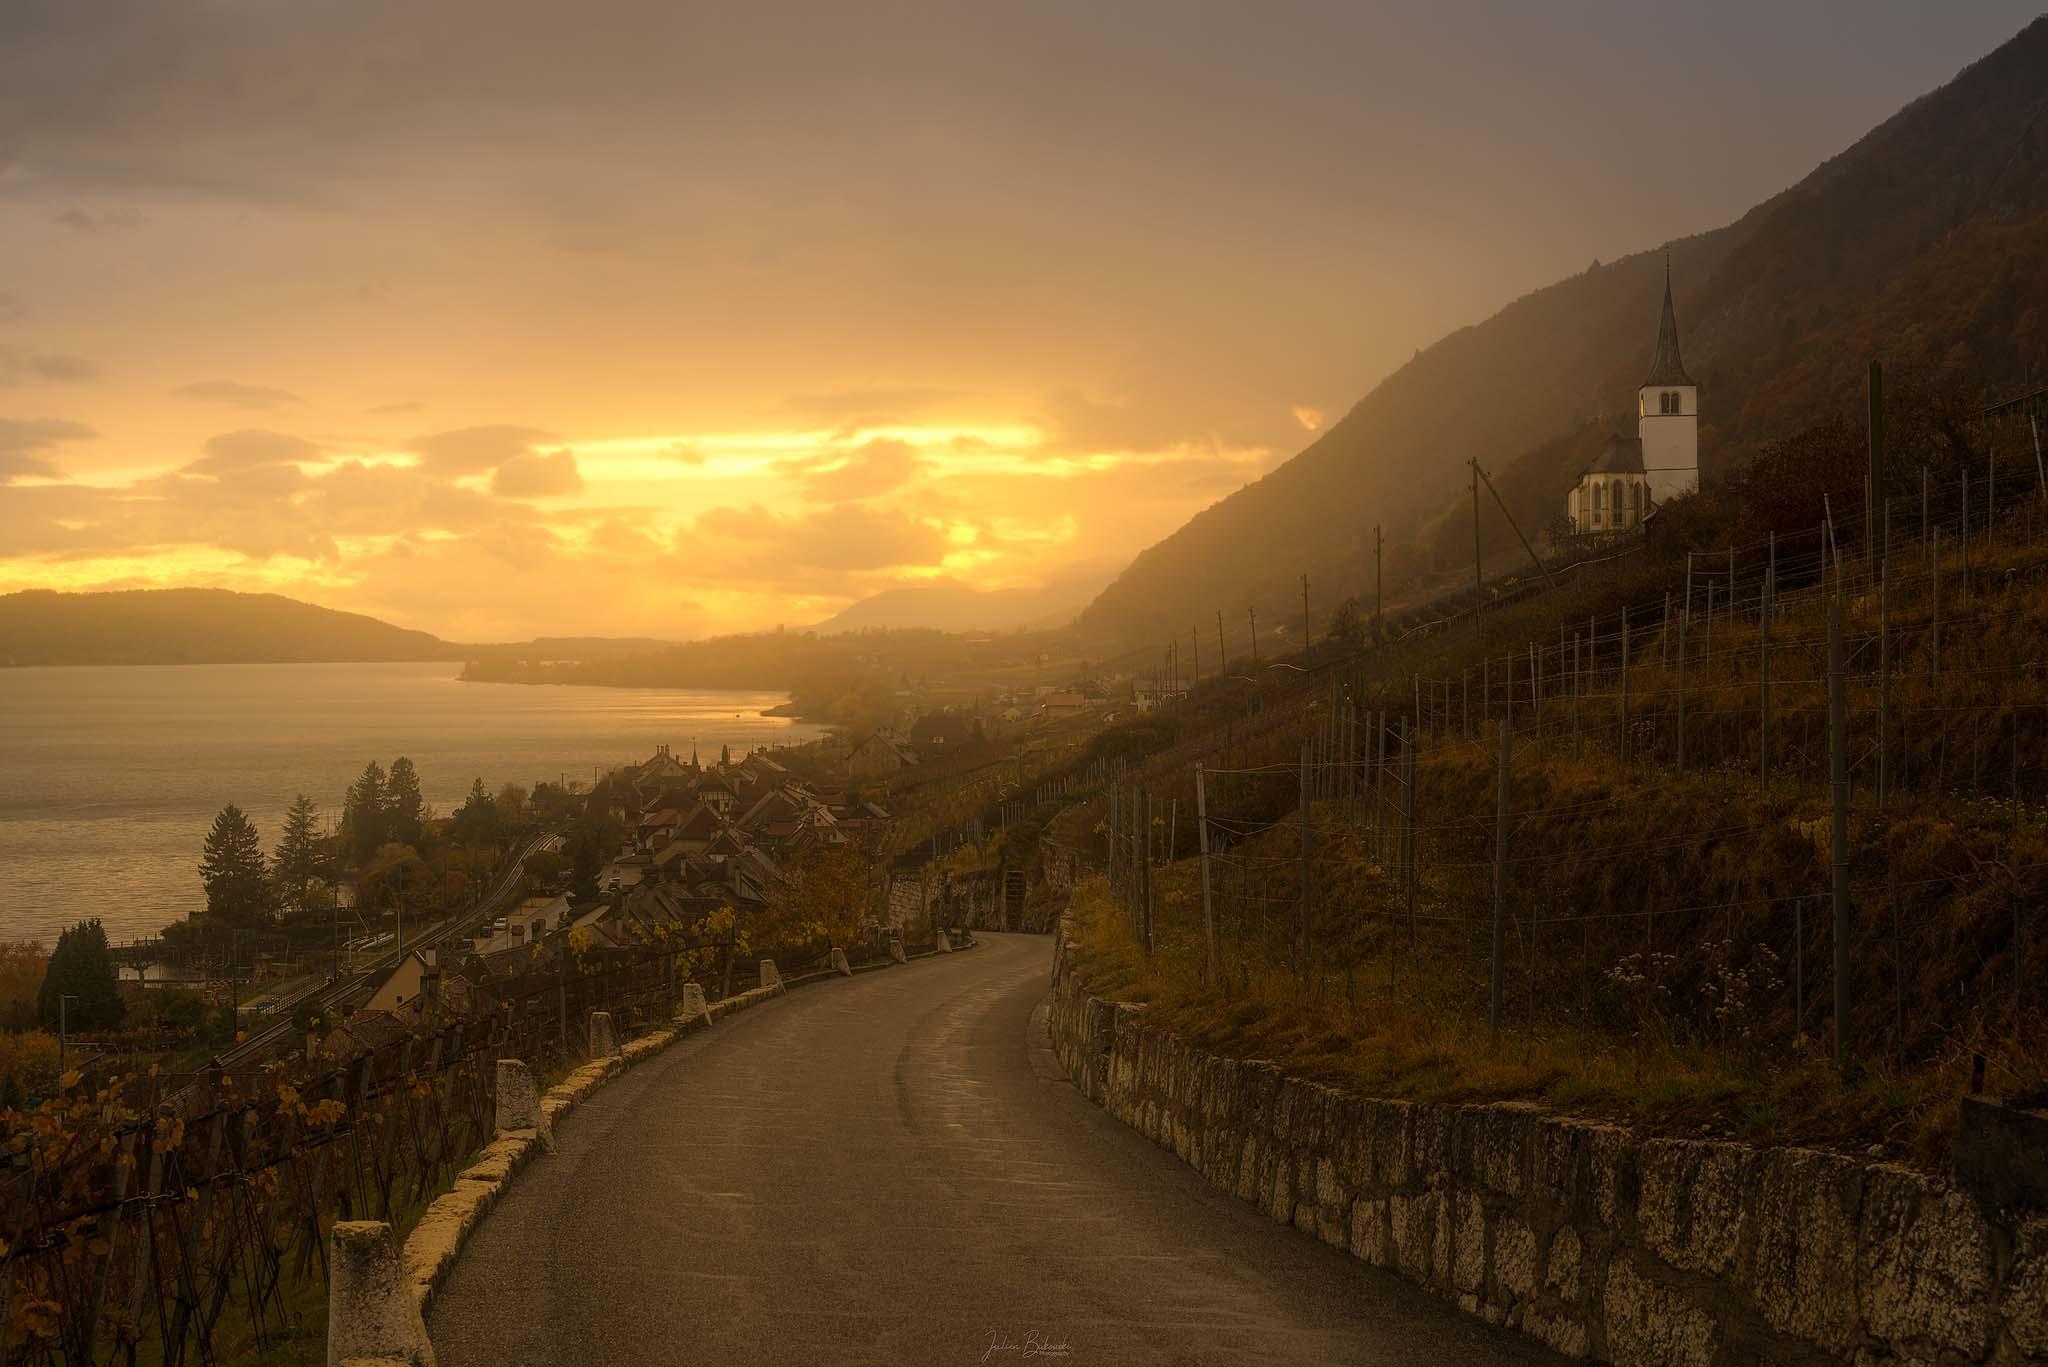 coucher de soleil-Ligerz-Gleresse-route-zigzag-Suisse-Switzerland-Orton effect-Lac de Bienne-Eglise-Eglise Ligerz-heure dorée